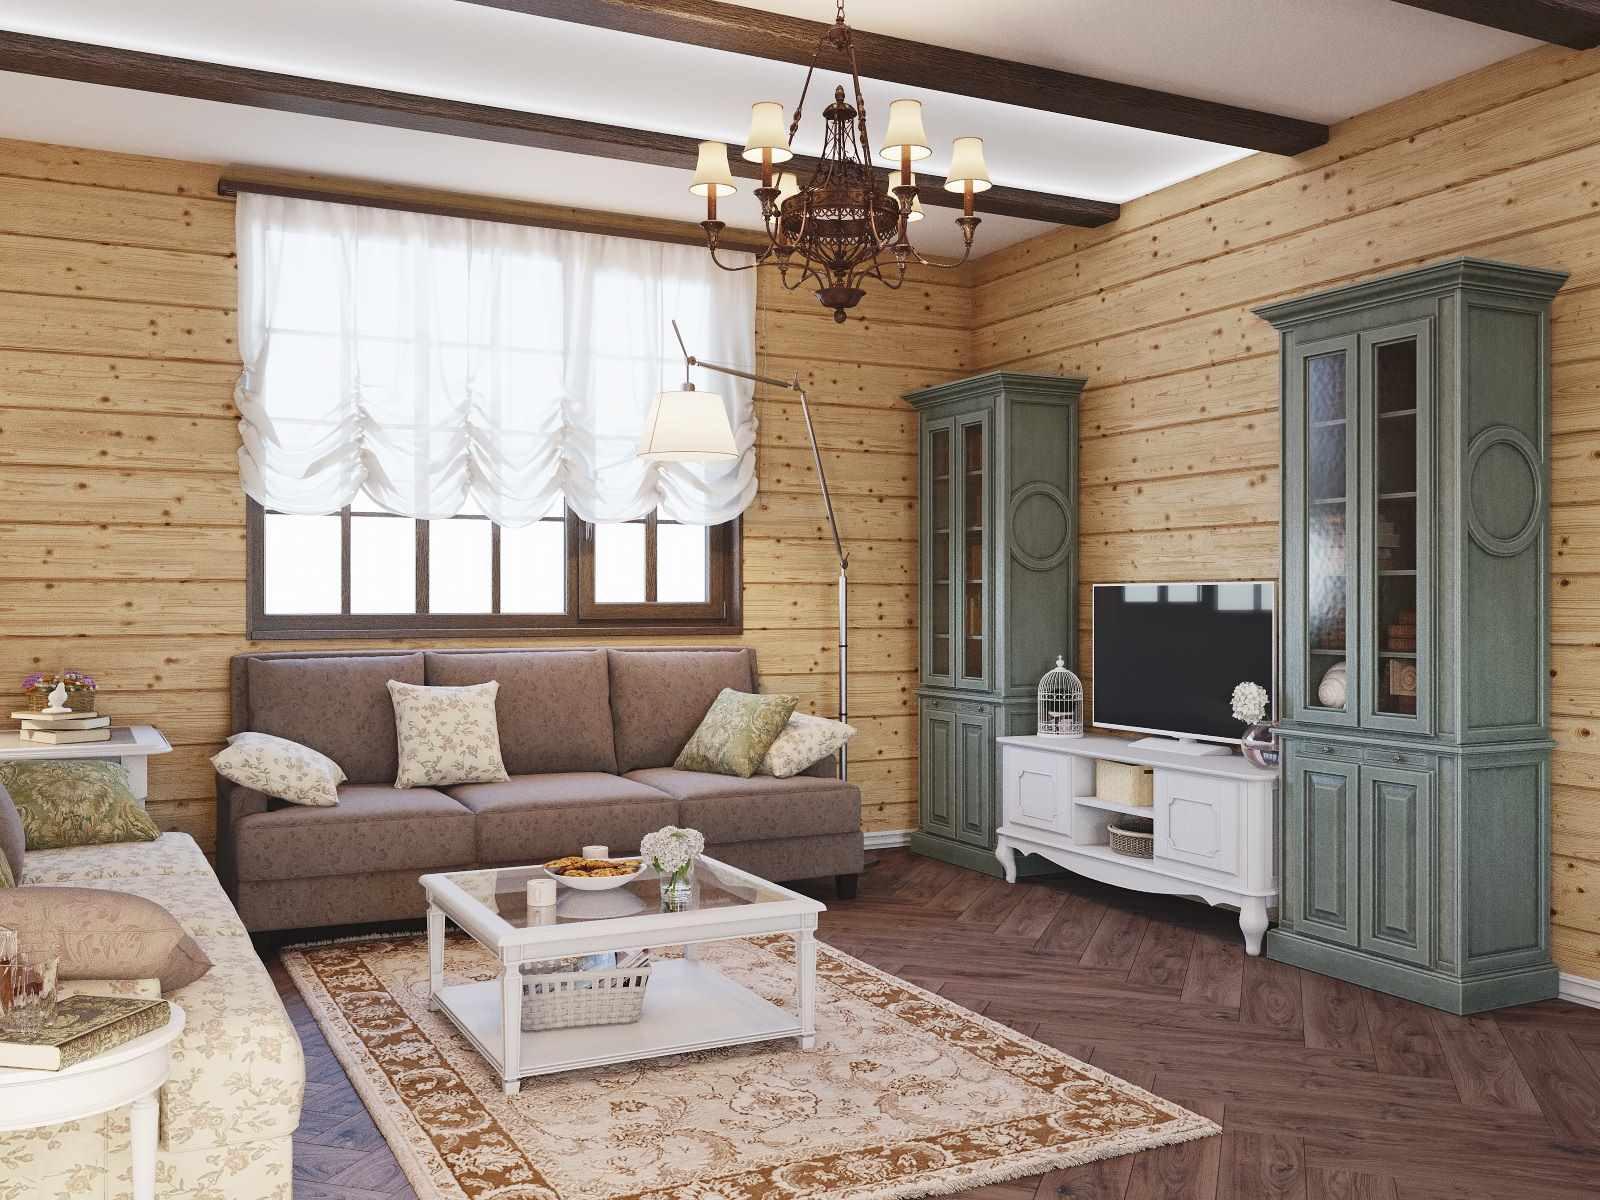 tùy chọn phong cách ánh sáng trong phòng khách